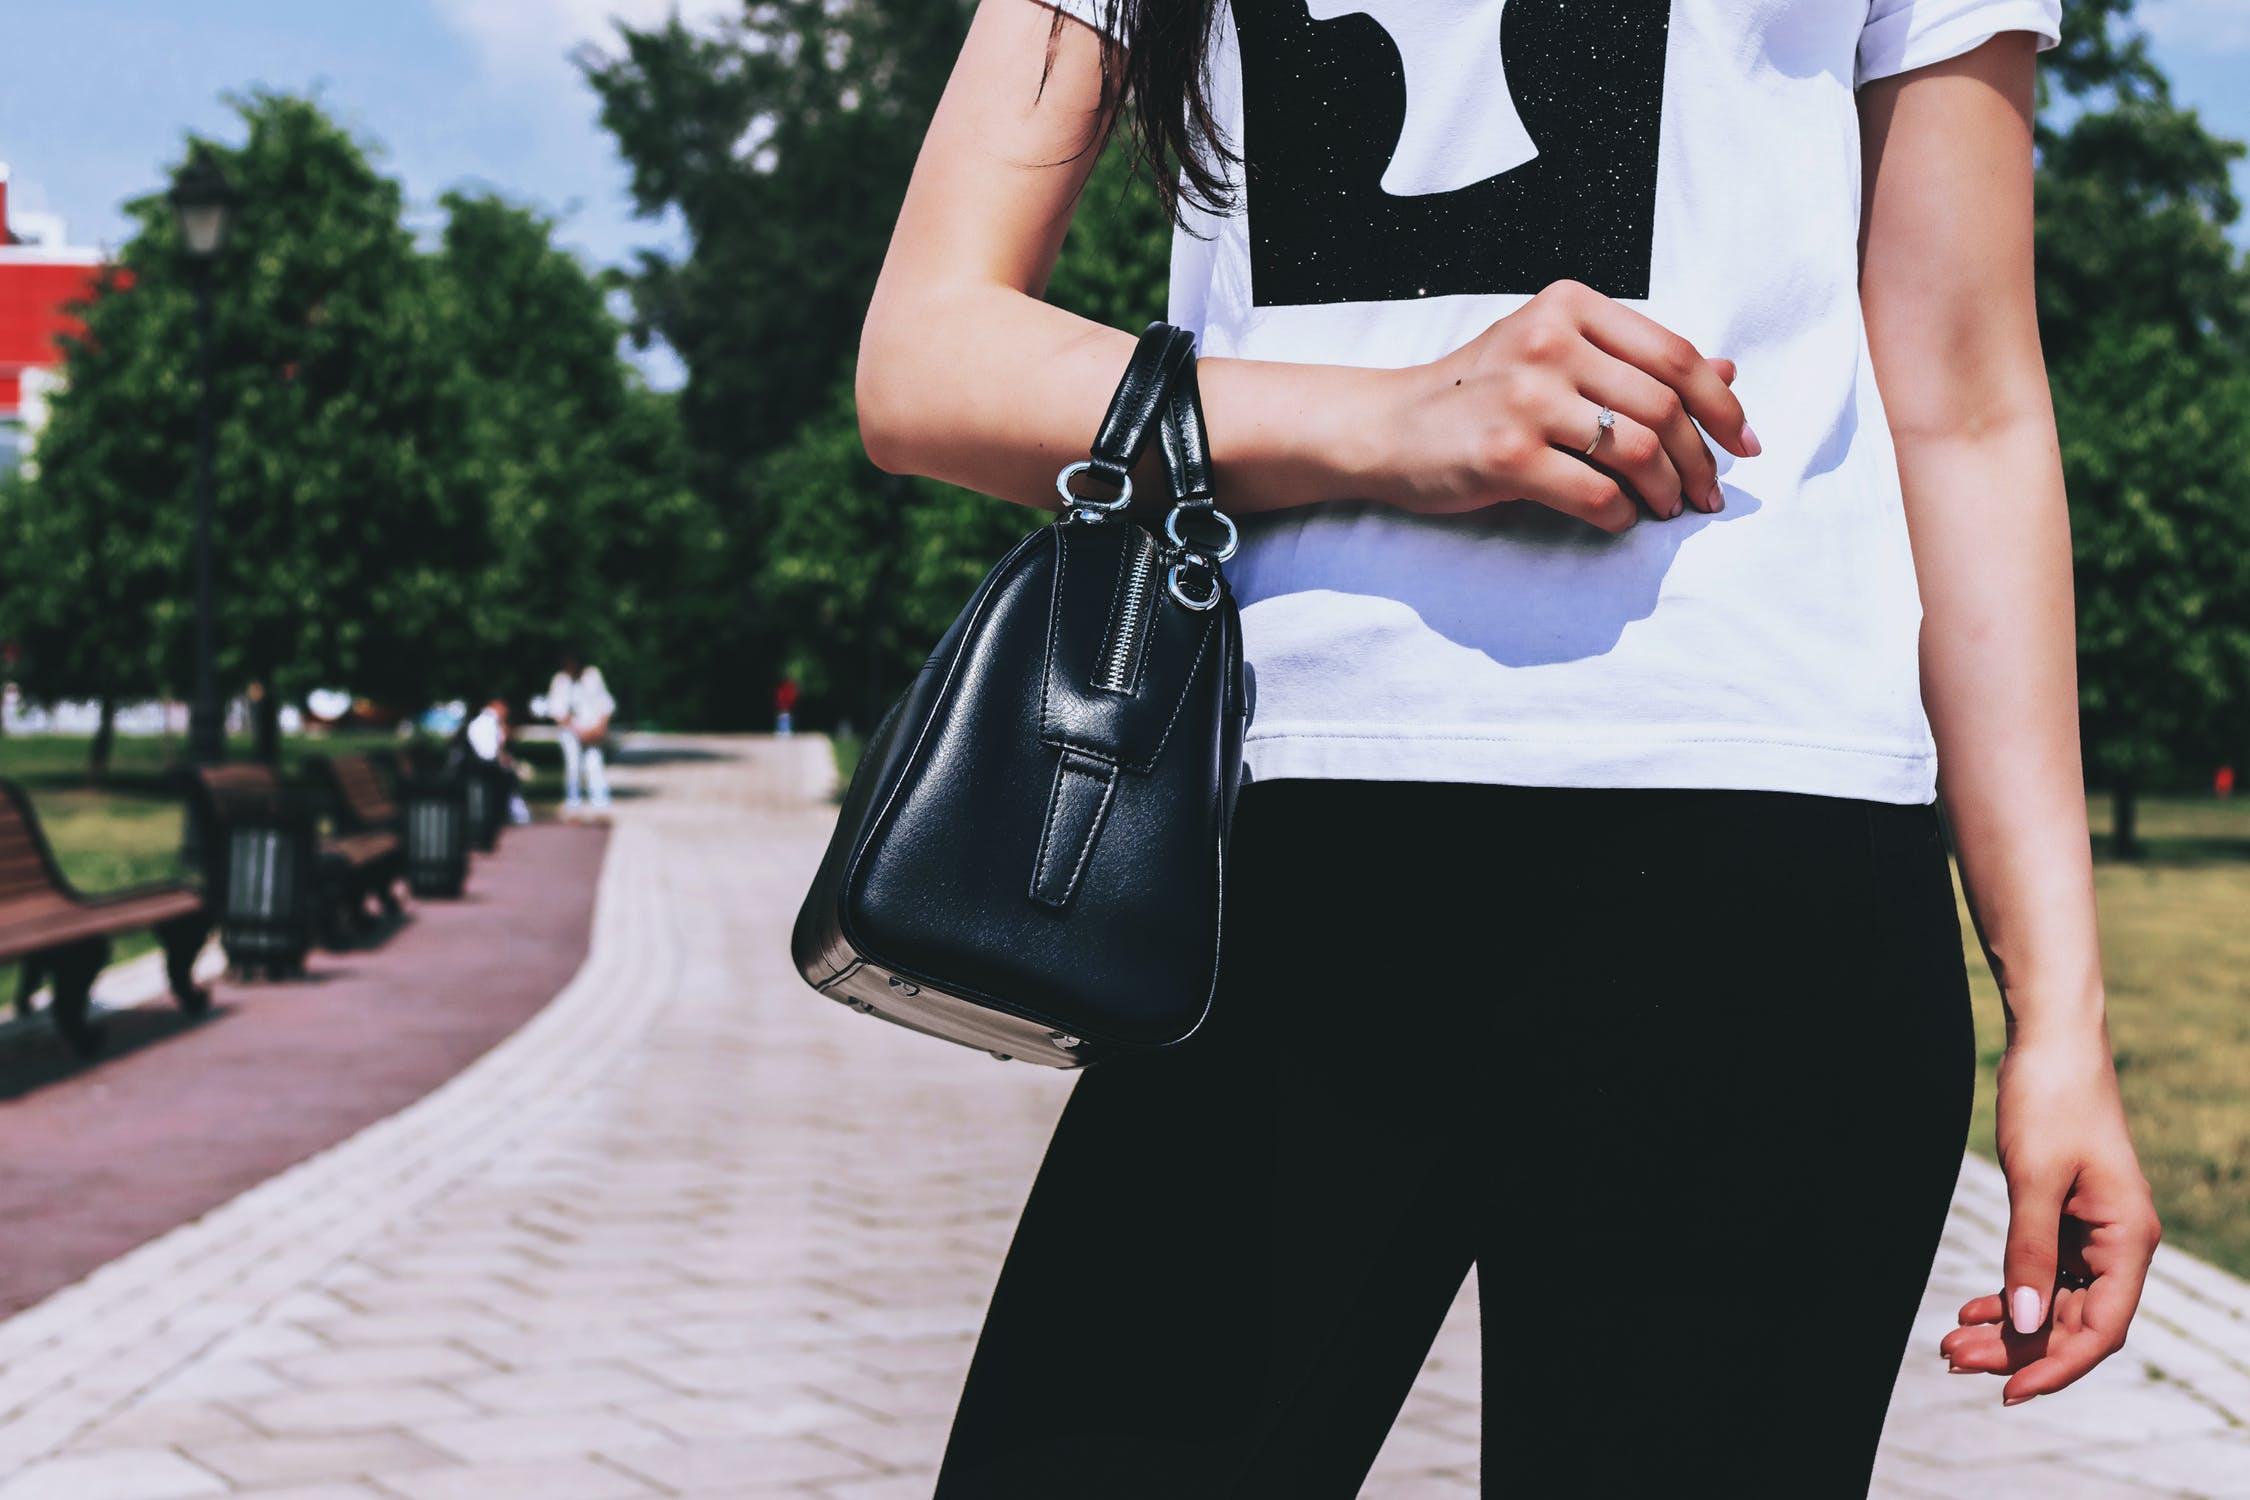 Dlaczego warto mieć torebkę?